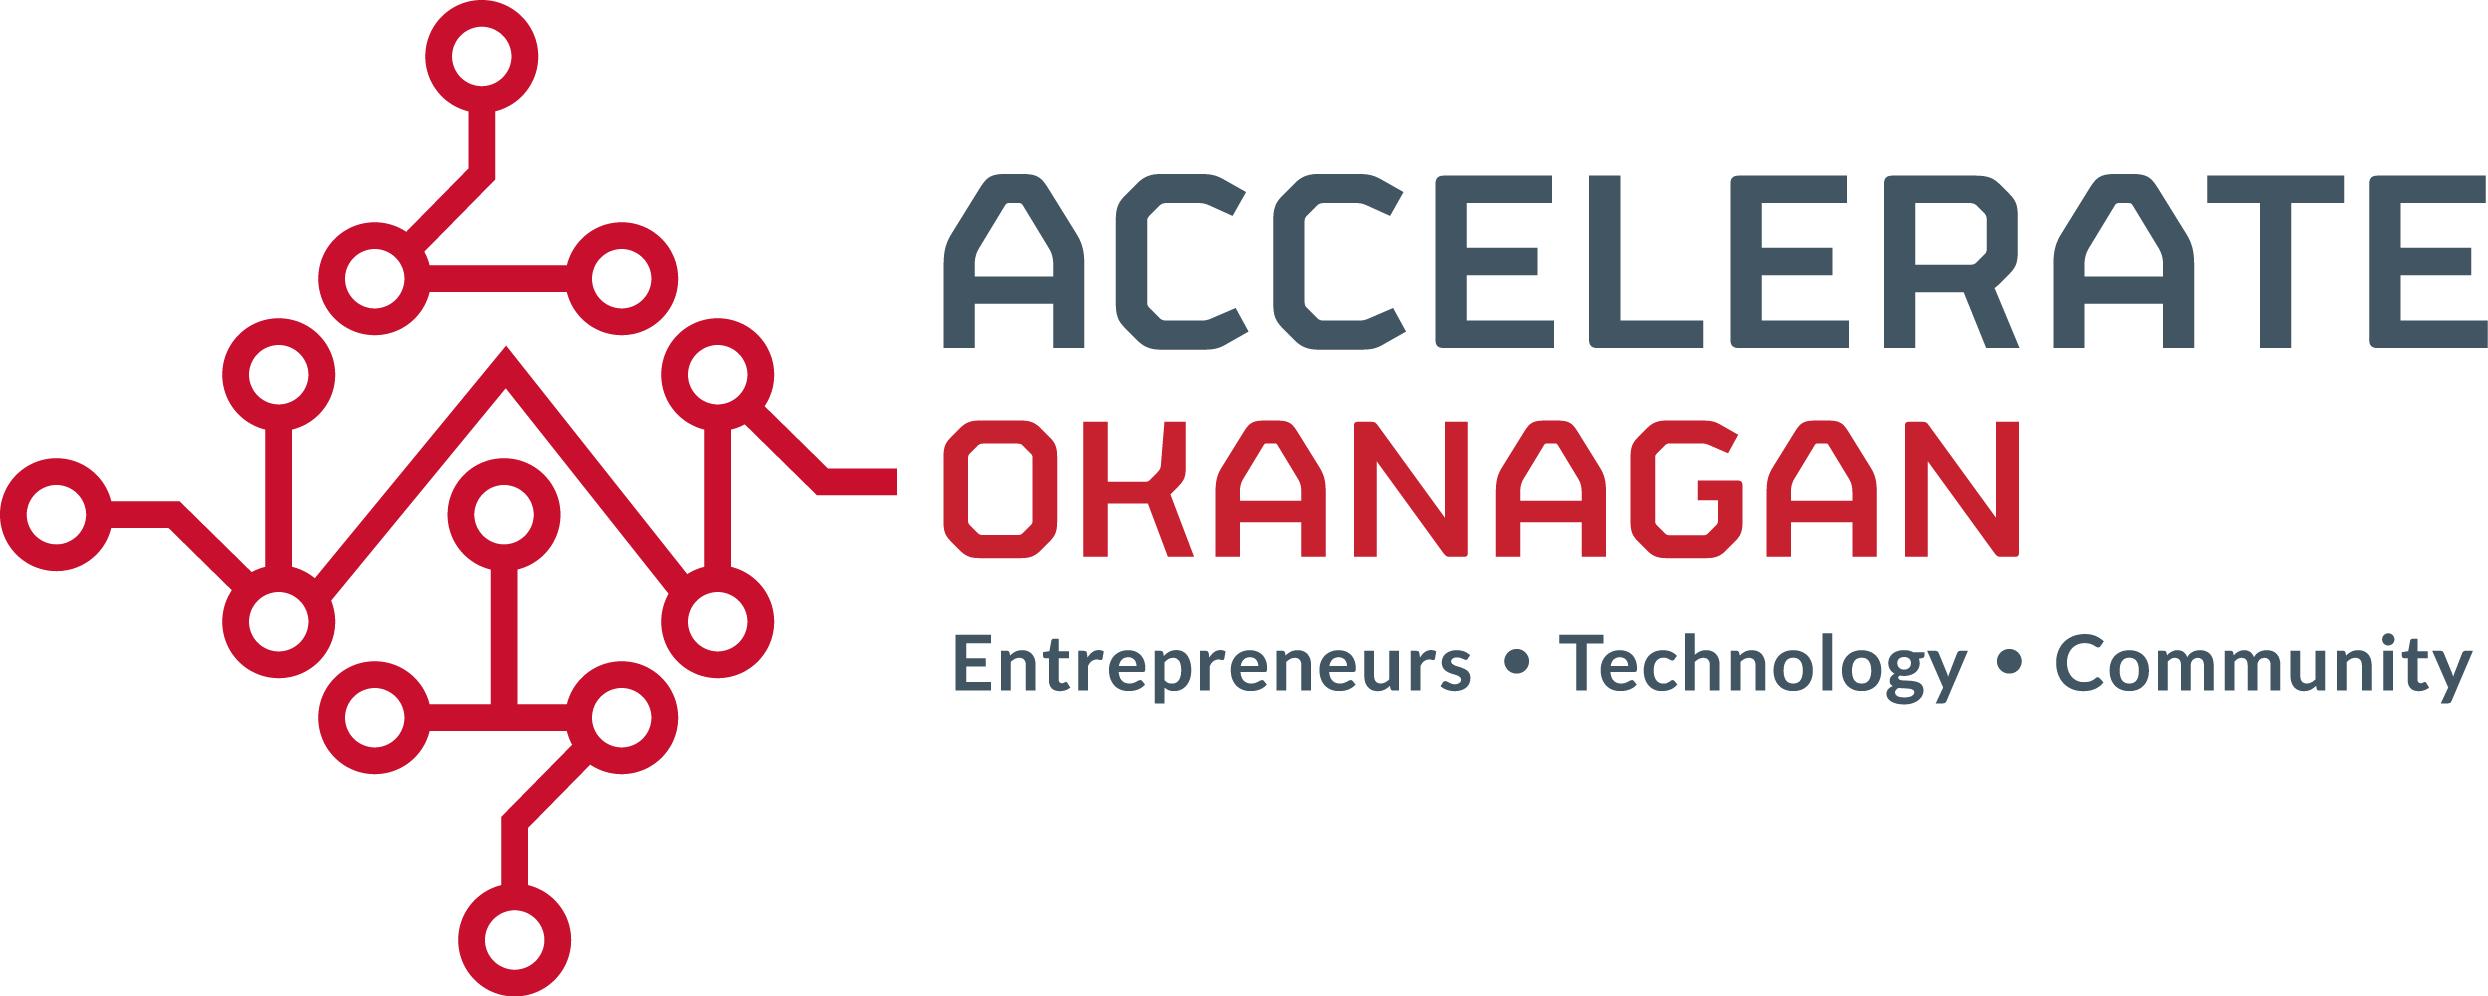 Accelerate Okanagan Logo